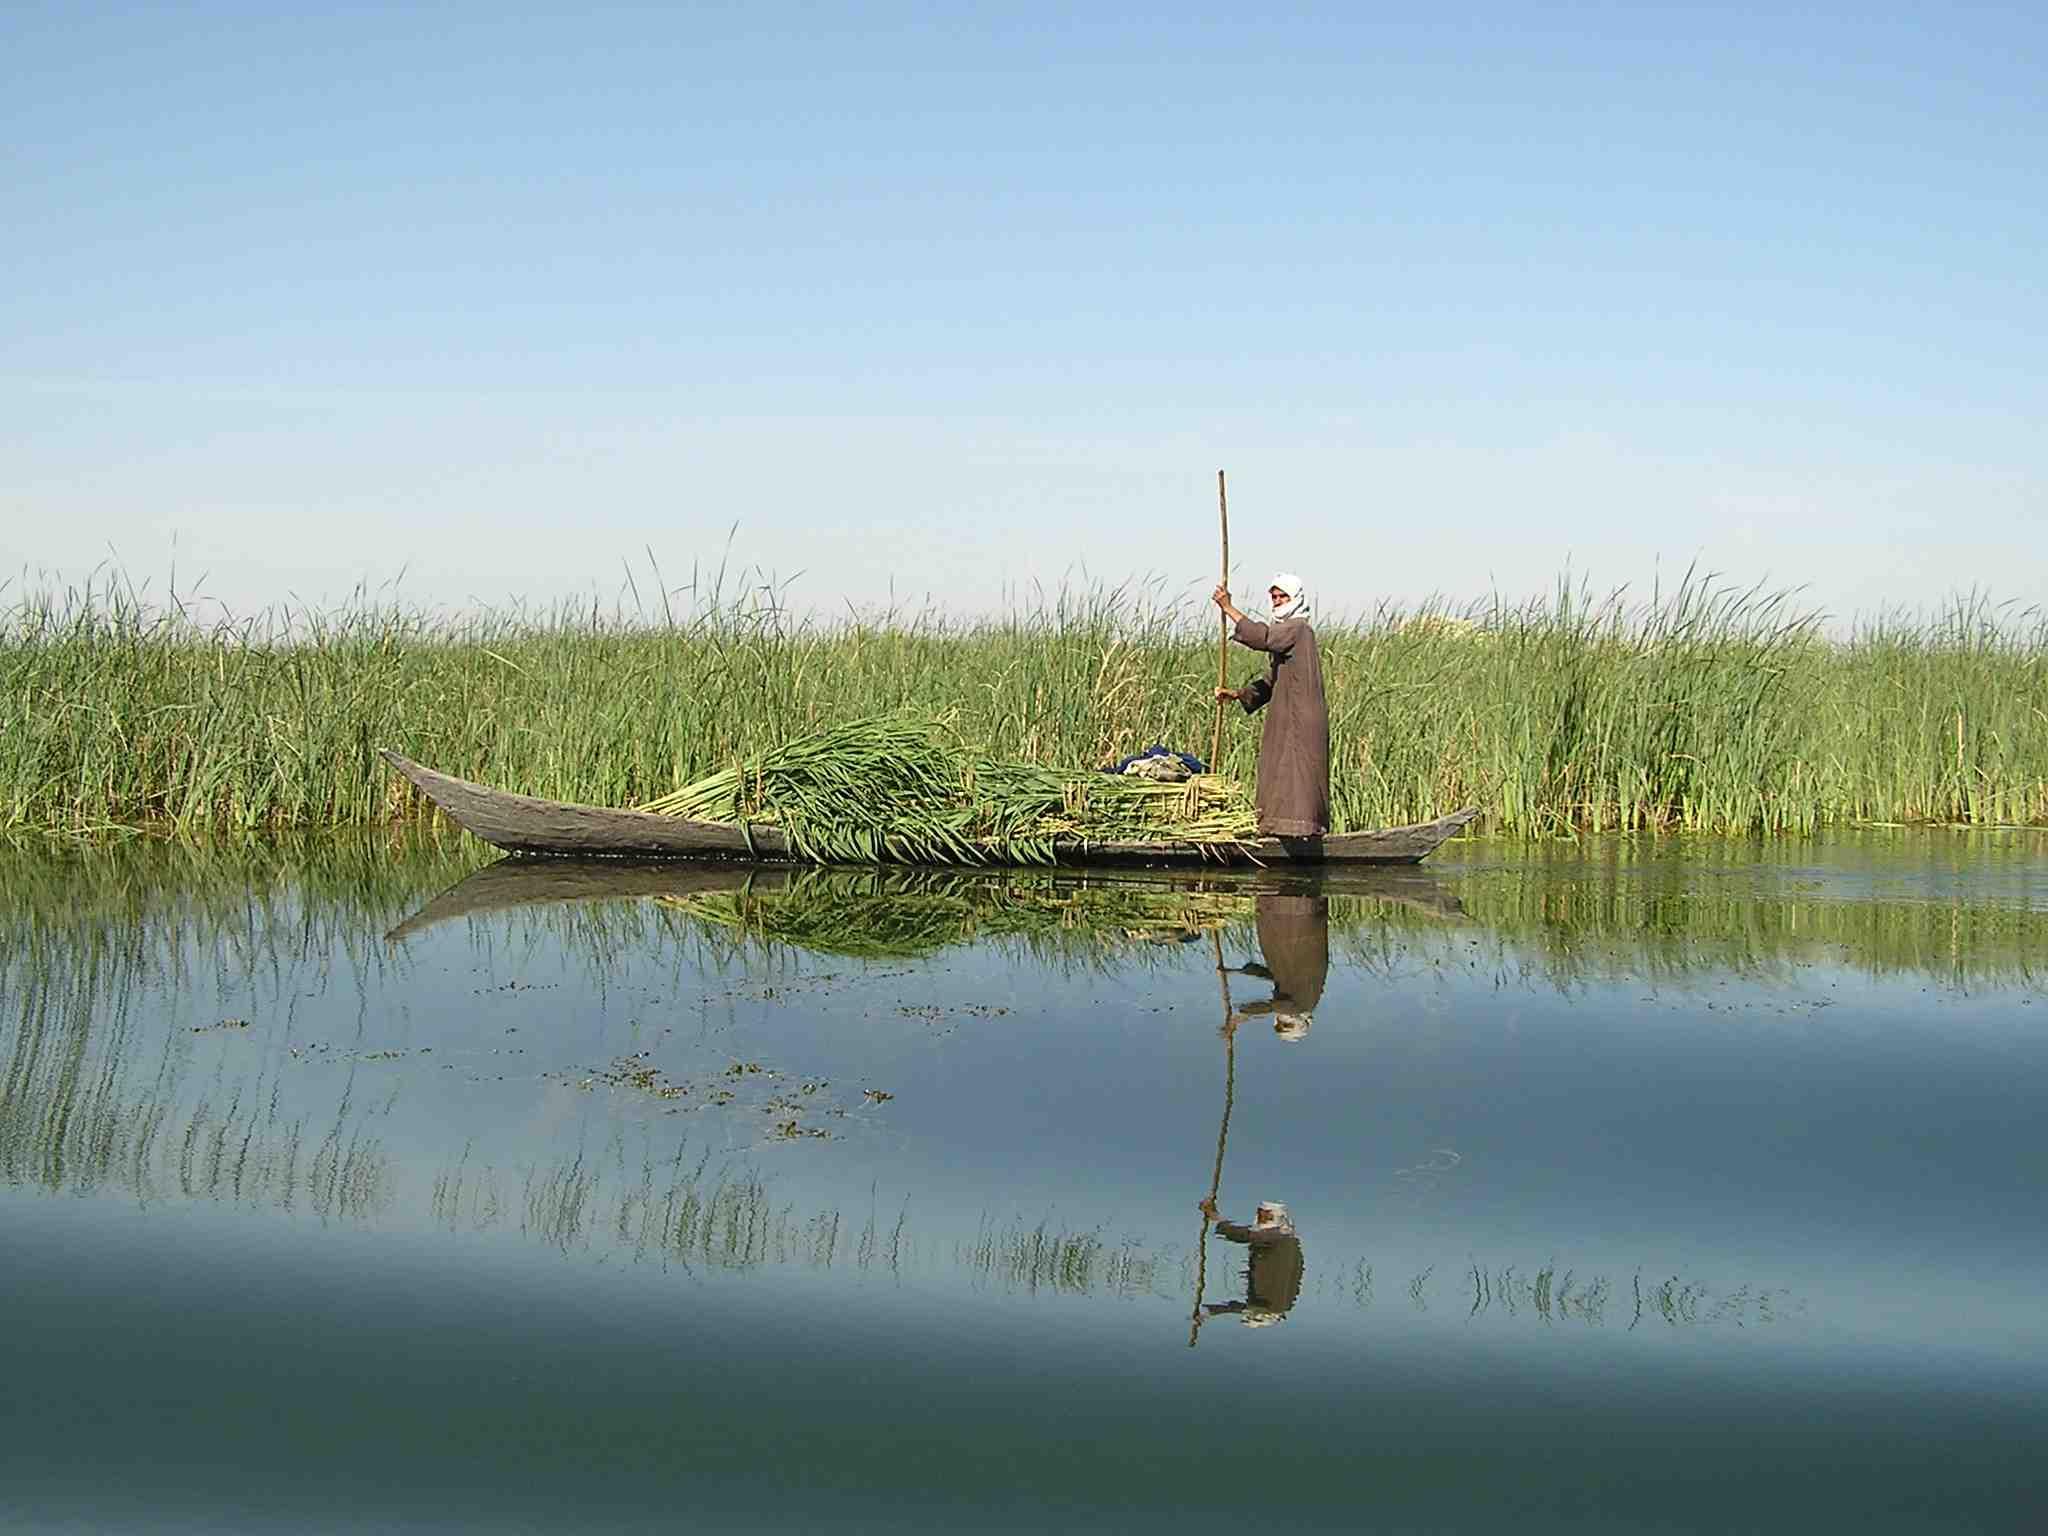 mesopotamian_marshes-nature_-iraq-sml